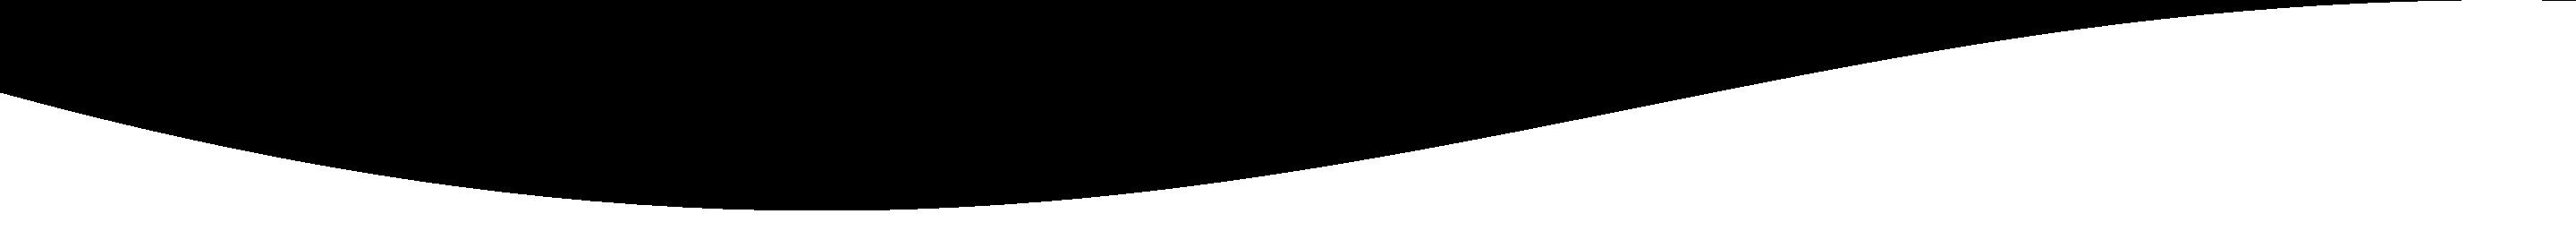 wave-header